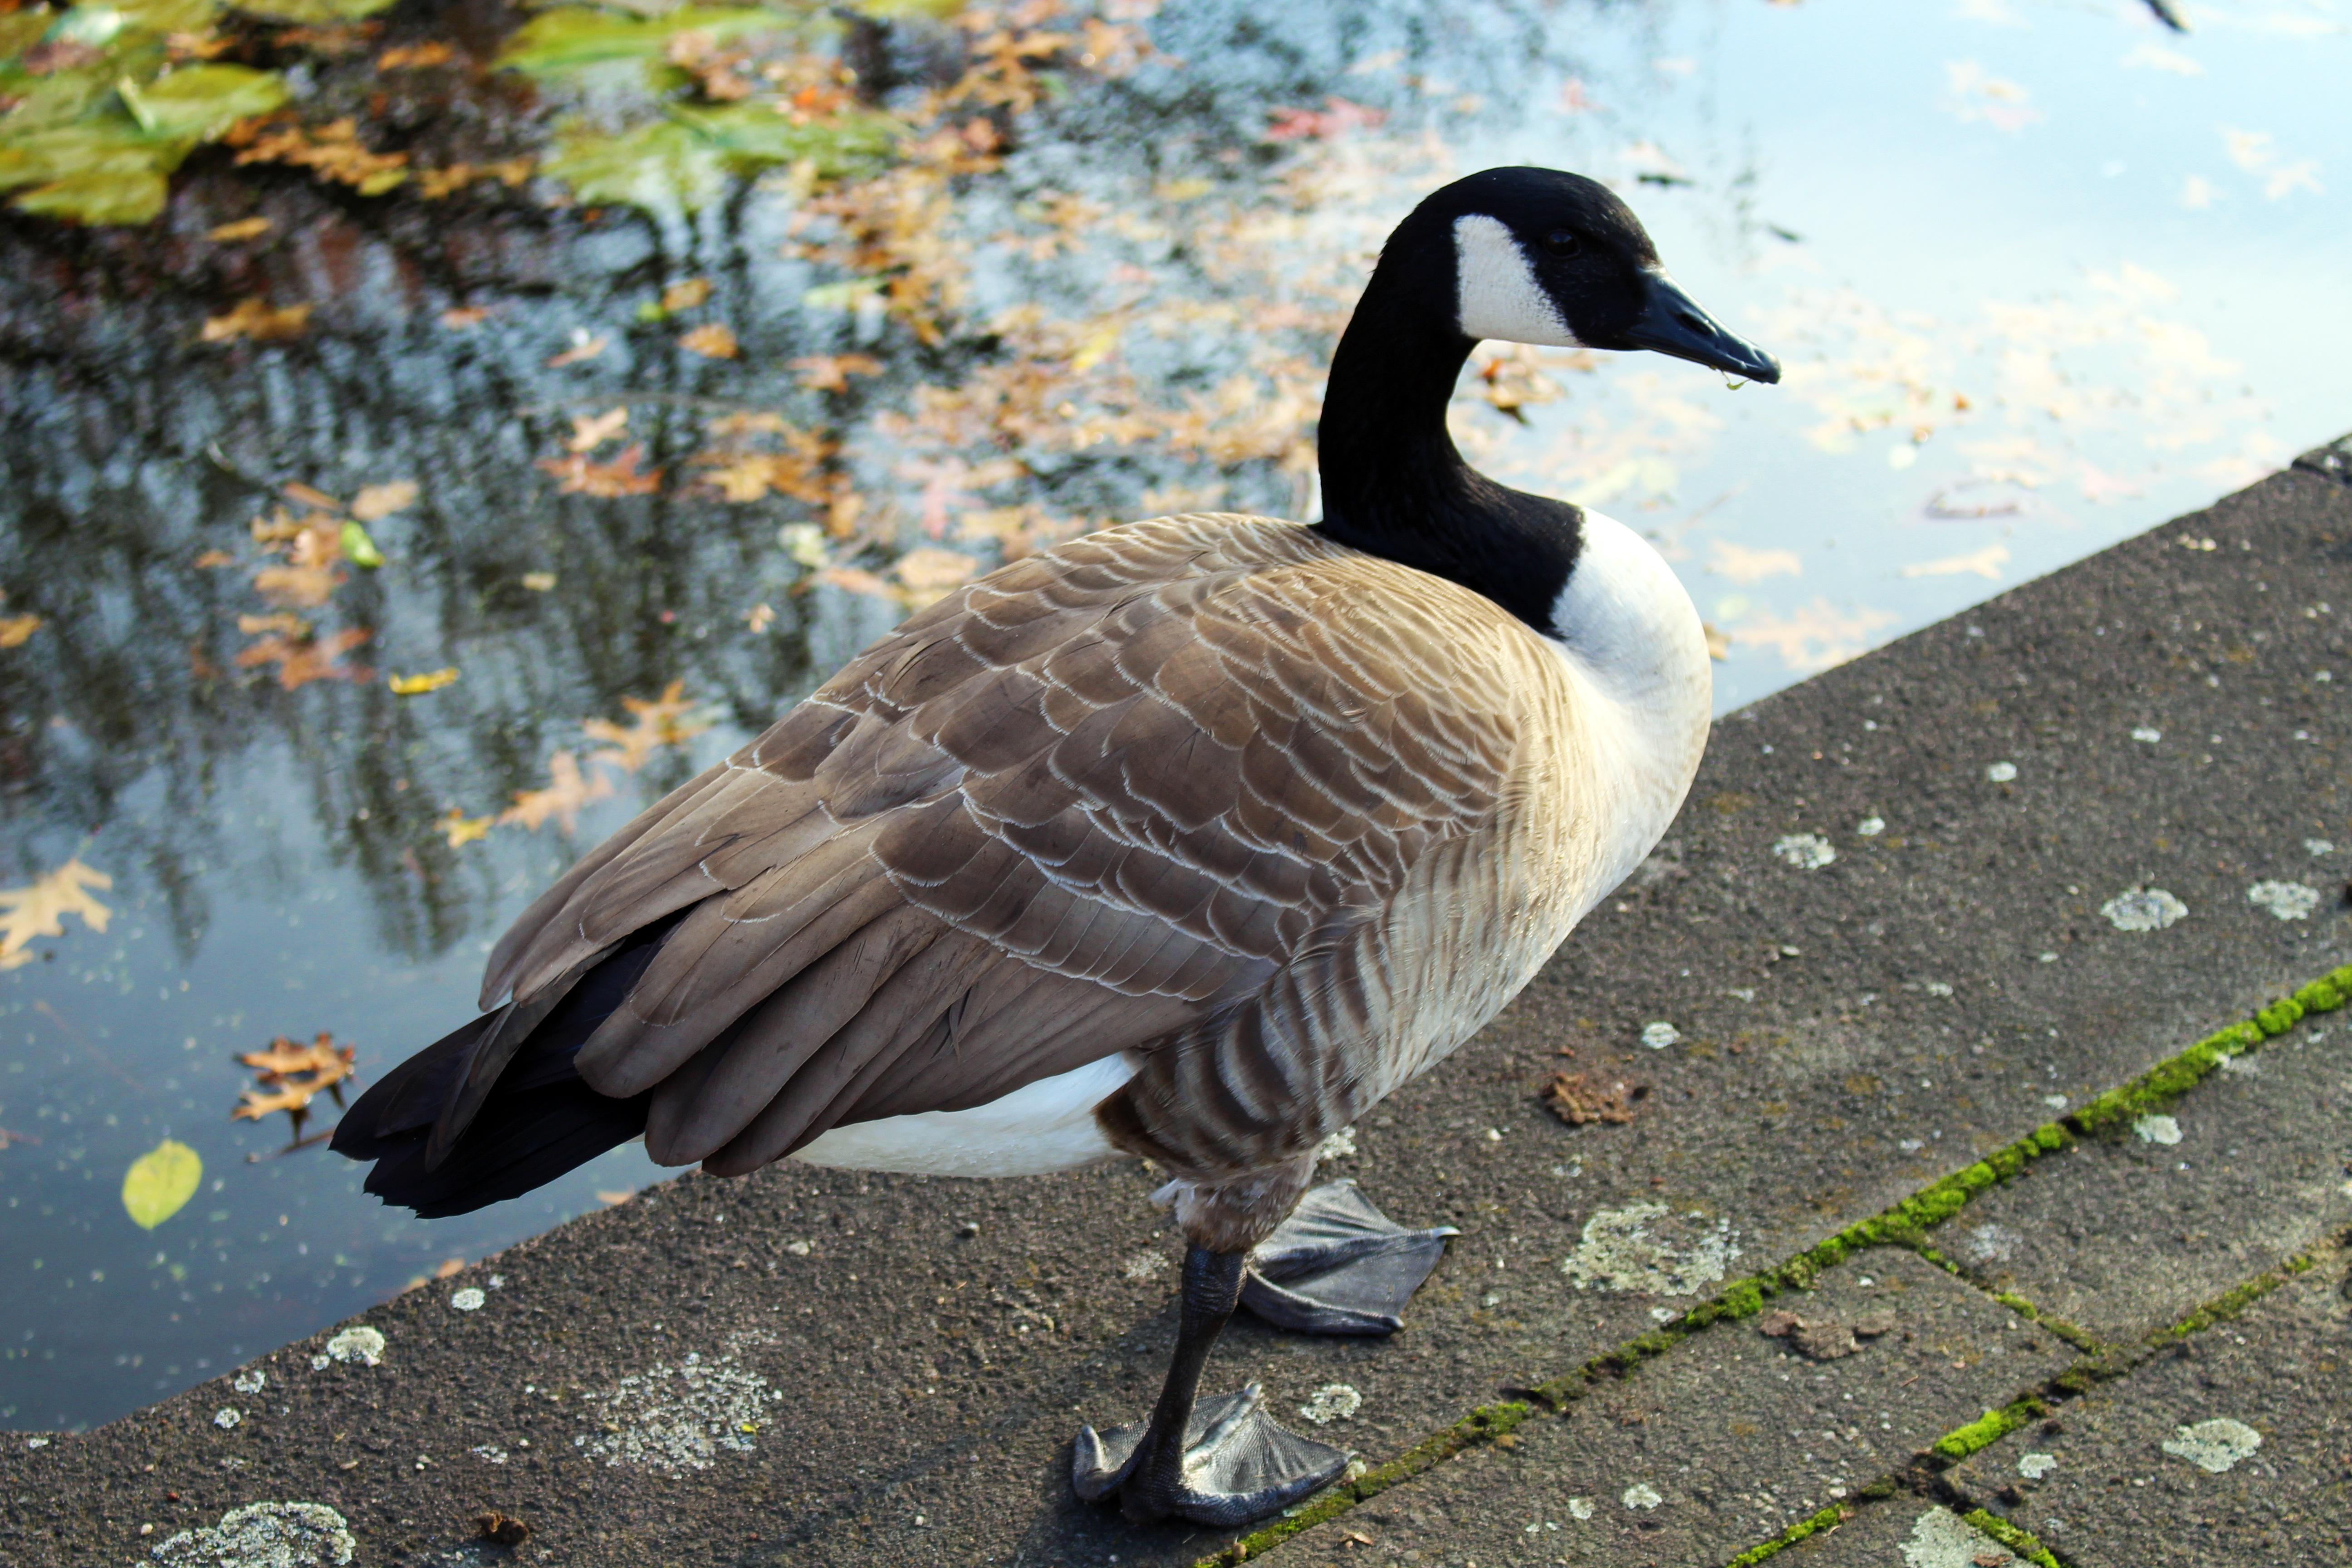 Poze Natură Pasăre Aripă Lac Animale Sălbatice